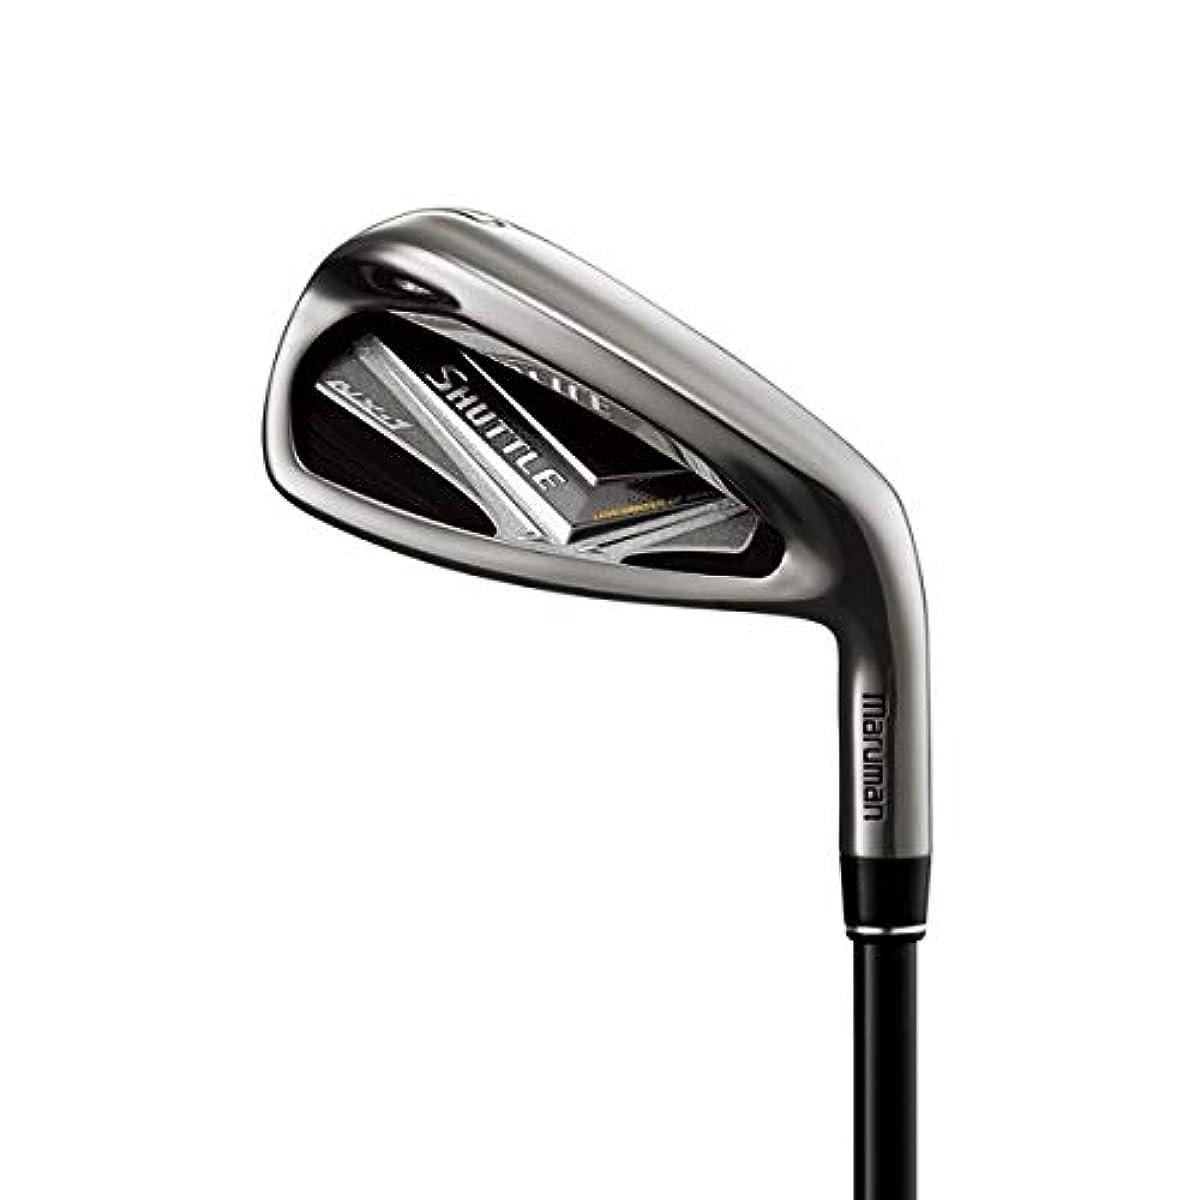 [해외] 마루만 골프 셔틀 NX-1 아이언 세트 8개조 (I6-P,P/A,A,S) IMPACTFIT MV504 카본 샤프트